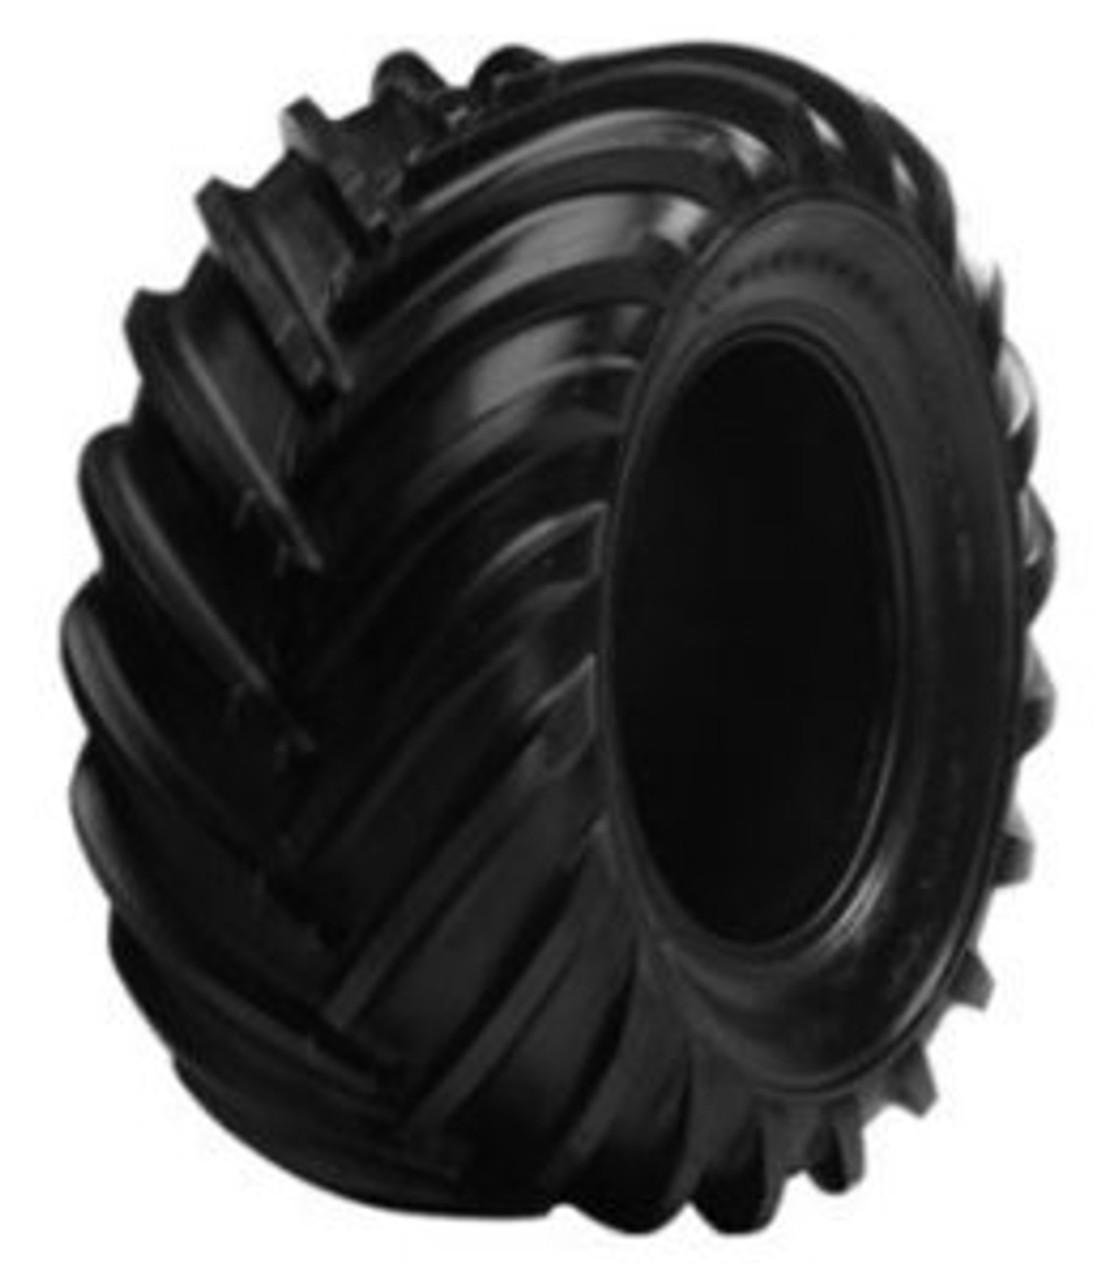 New Deestone Super Lug Tire 26/12.00X12